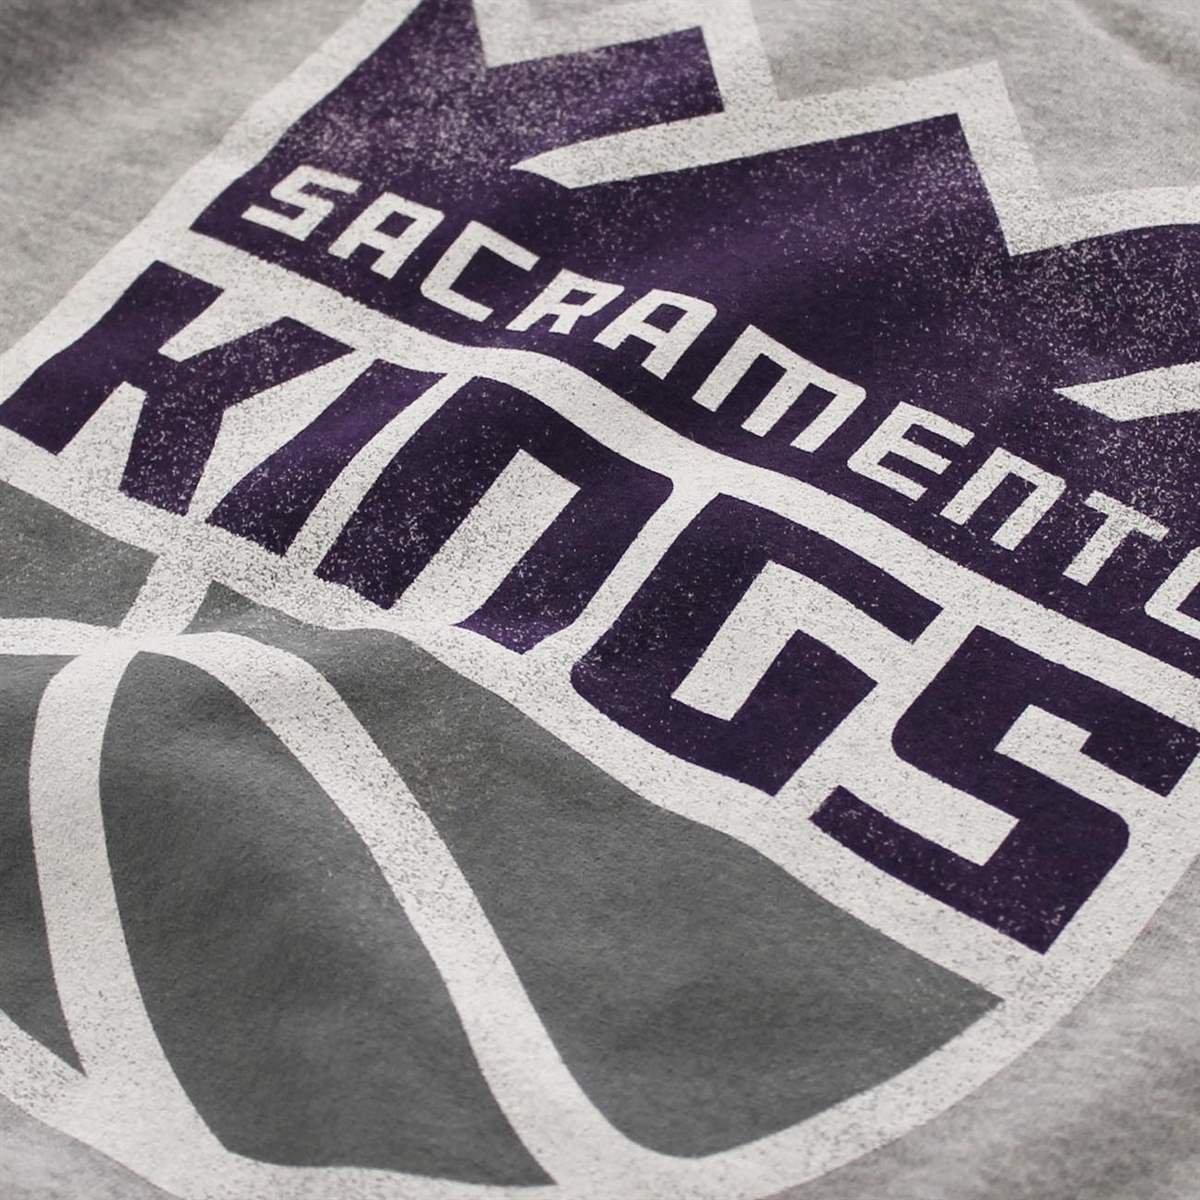 47 Brand Sacramento Kings Knockaround Felpa Felpa Felpa con Cappuccio NBA   diversità imballaggio    Negozio online di vendita    Up-to-date Stile    Design affascinante    On-line    Moda moderna ed elegante  af043f